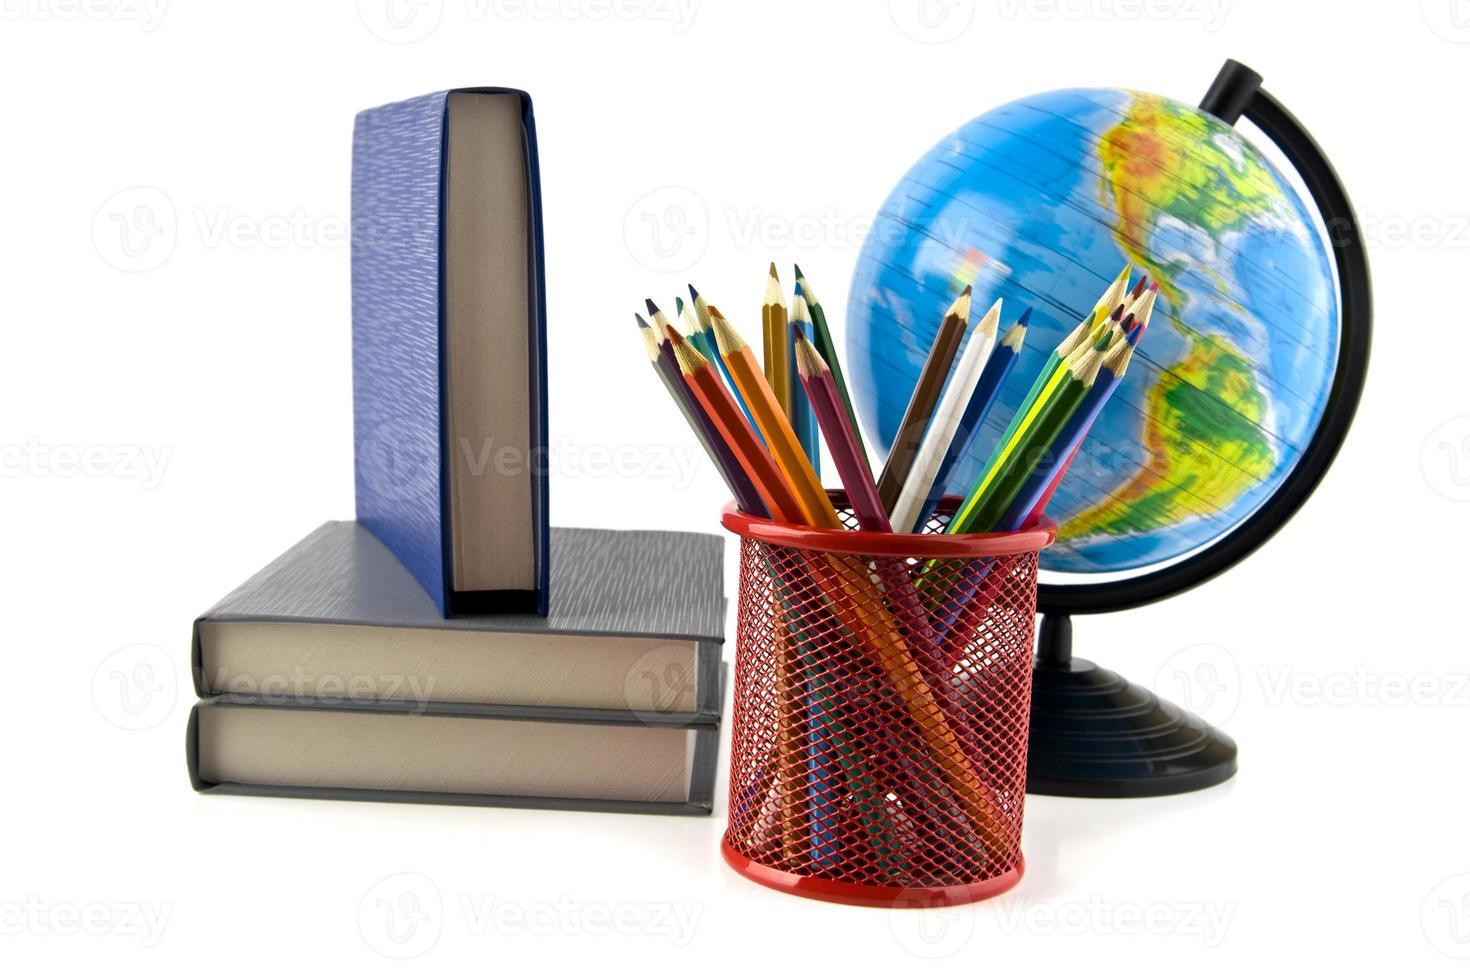 libros, lapices y globo foto